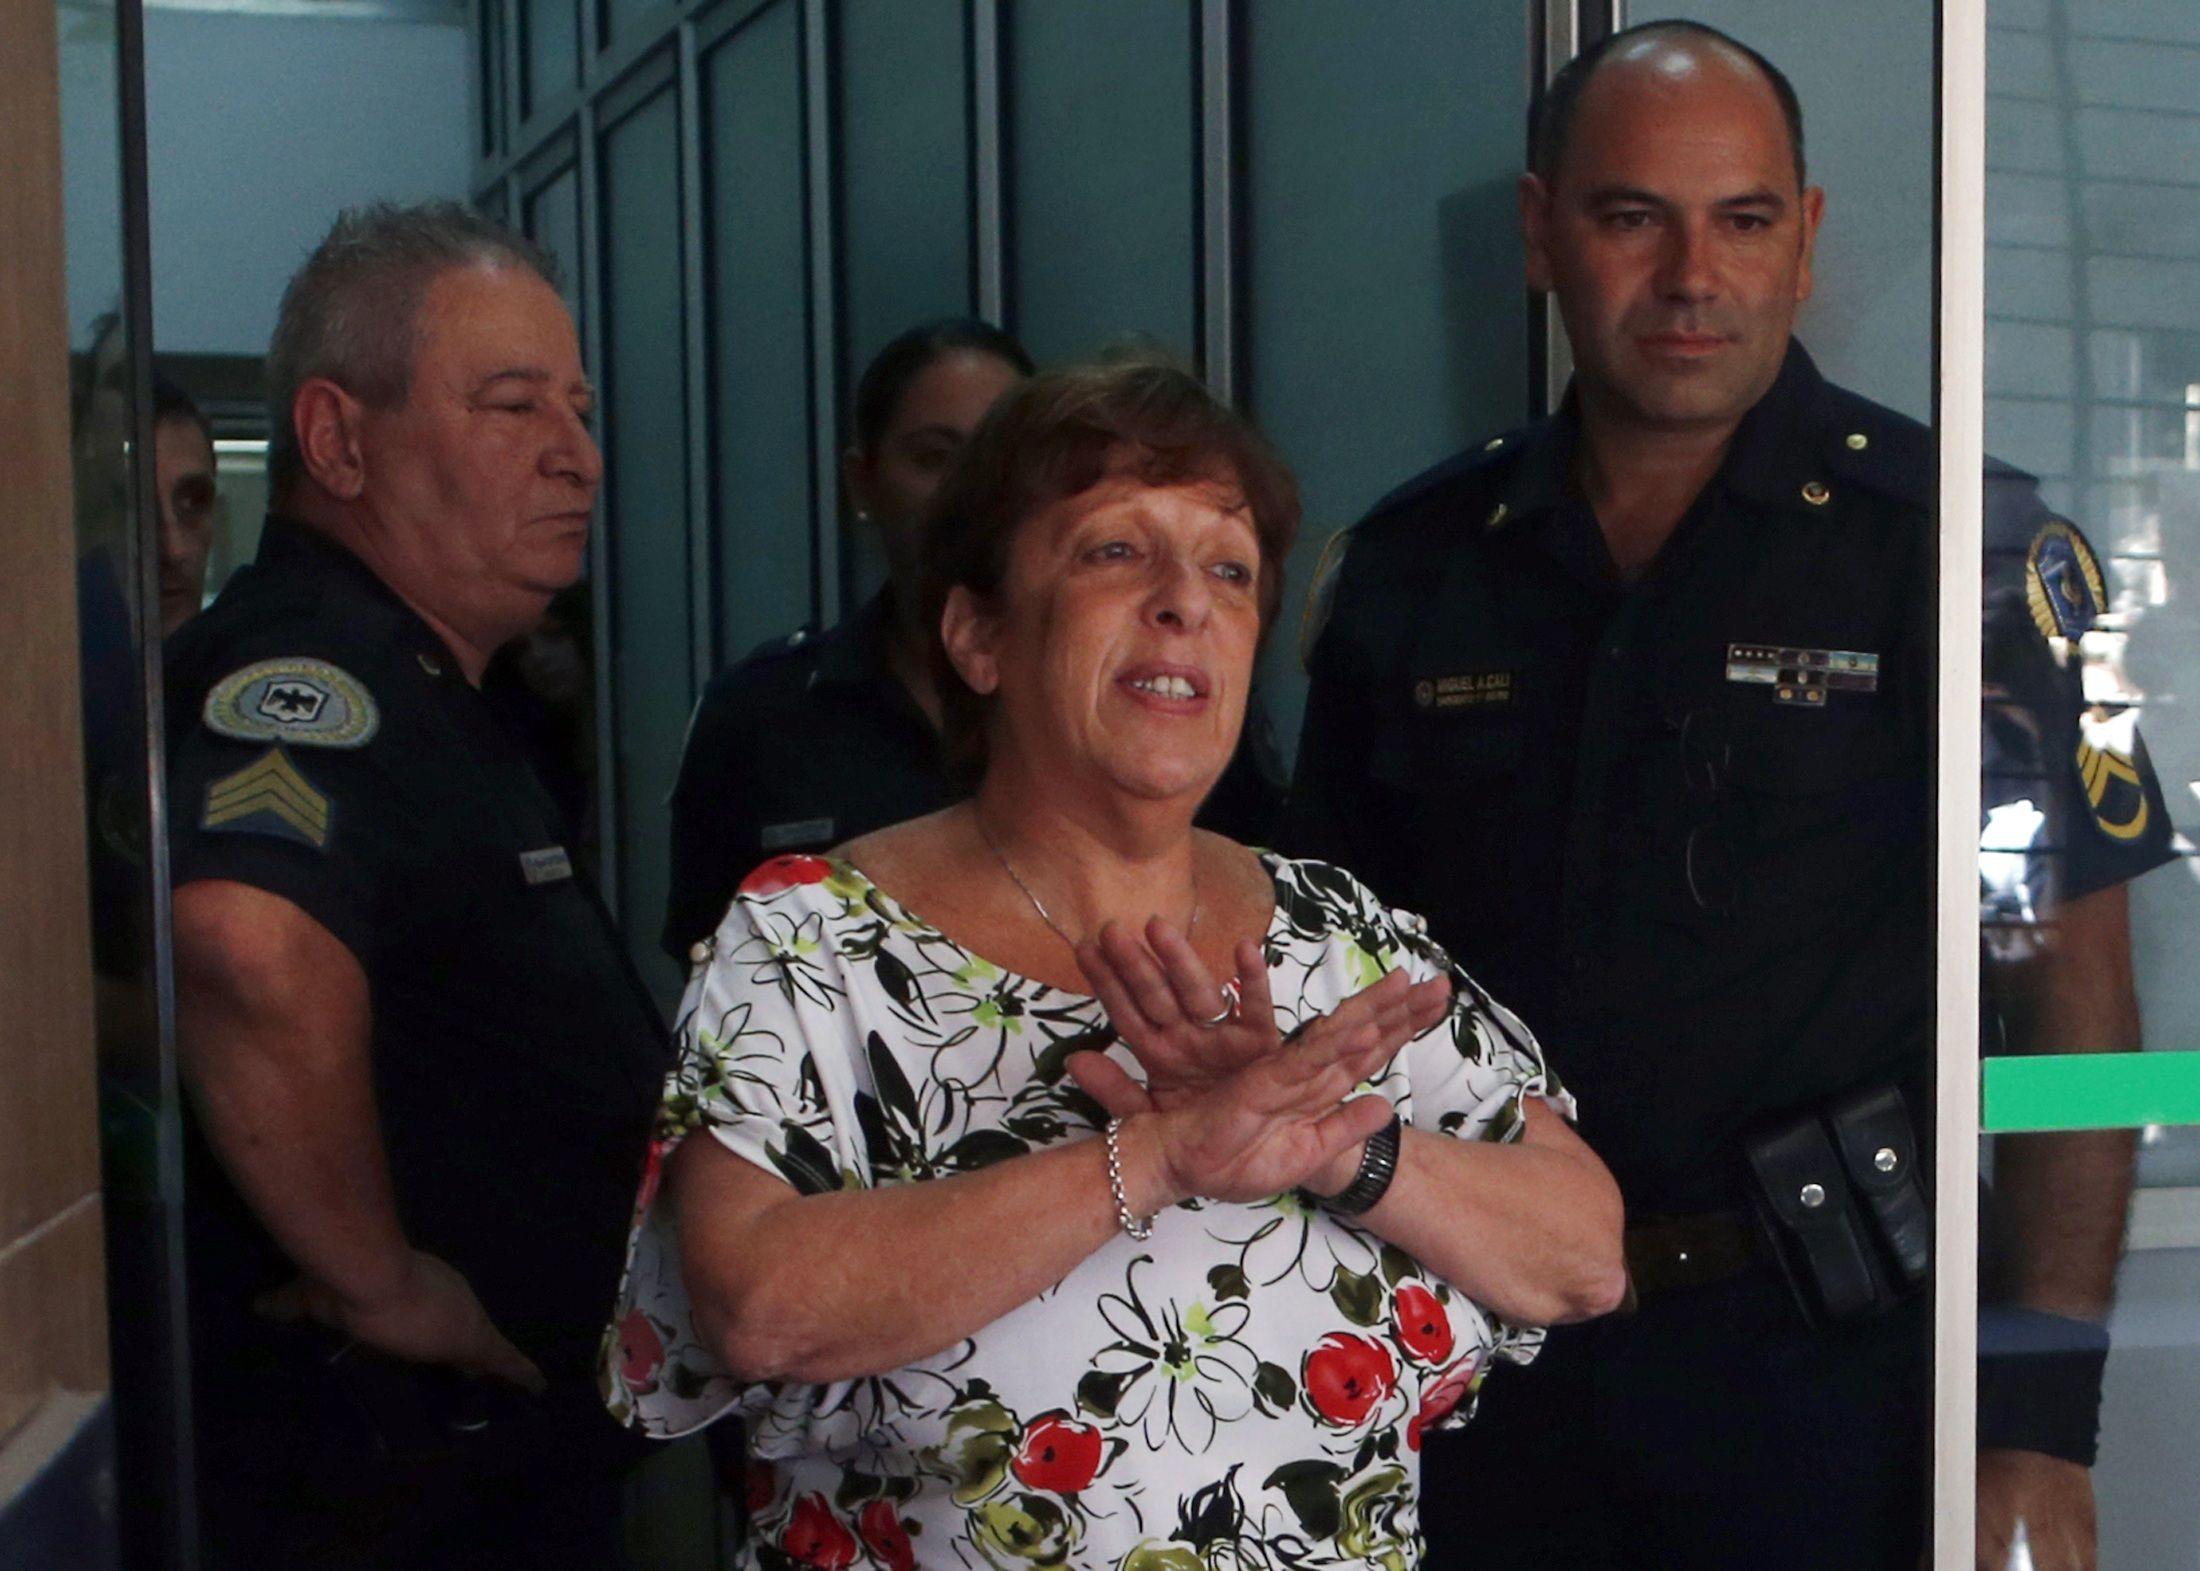 La fiscal Viviana Fein afirmó que hay irregularidades graves y asentamiento no registrado de las visitas al complejo Le Parc.